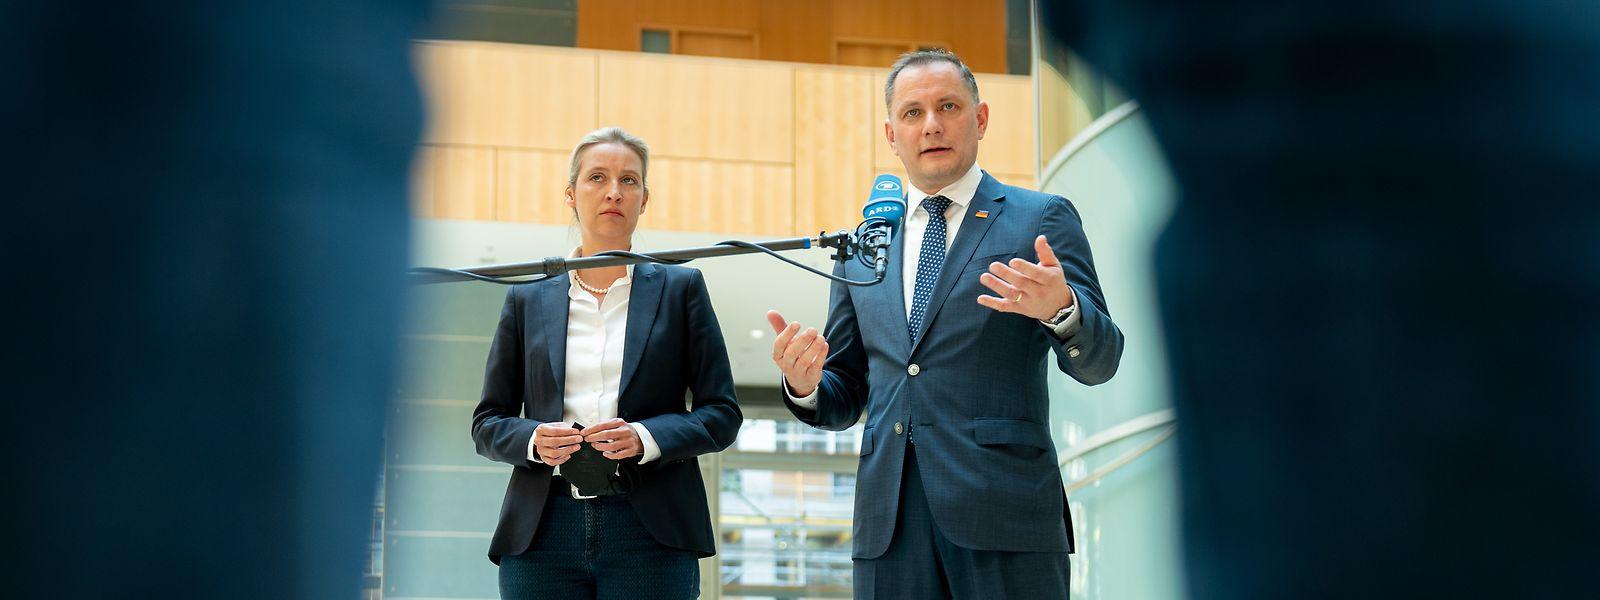 Alice Weidel, Fraktionsvorsitzende der AfD im Bundestag, und Tino Chrupalla, AfD-Bundesvorsitzender, stellen sich den Medienvertretern als Spitzenkandidatenduo für die Bundestagswahl vor.